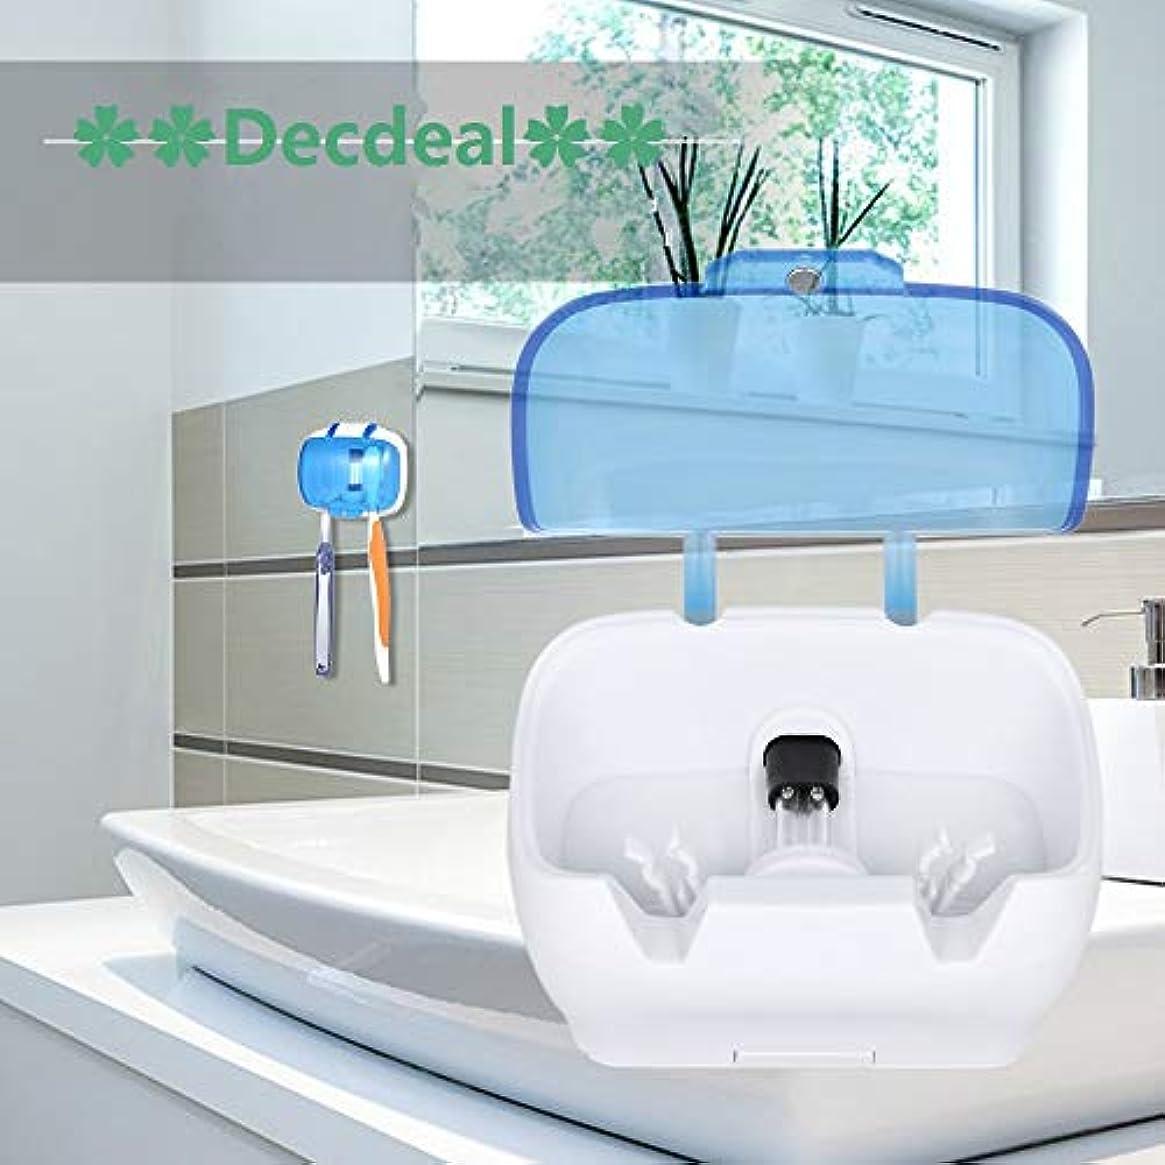 西部アダルト余分なDecdeal UV滅菌キャビネット 多機能消毒クリーンツール プロフェッショナル ネイルアート機器トレイ 温度殺菌ツール 5W 220V USプラグ (歯ブラシUV消毒ボックス)